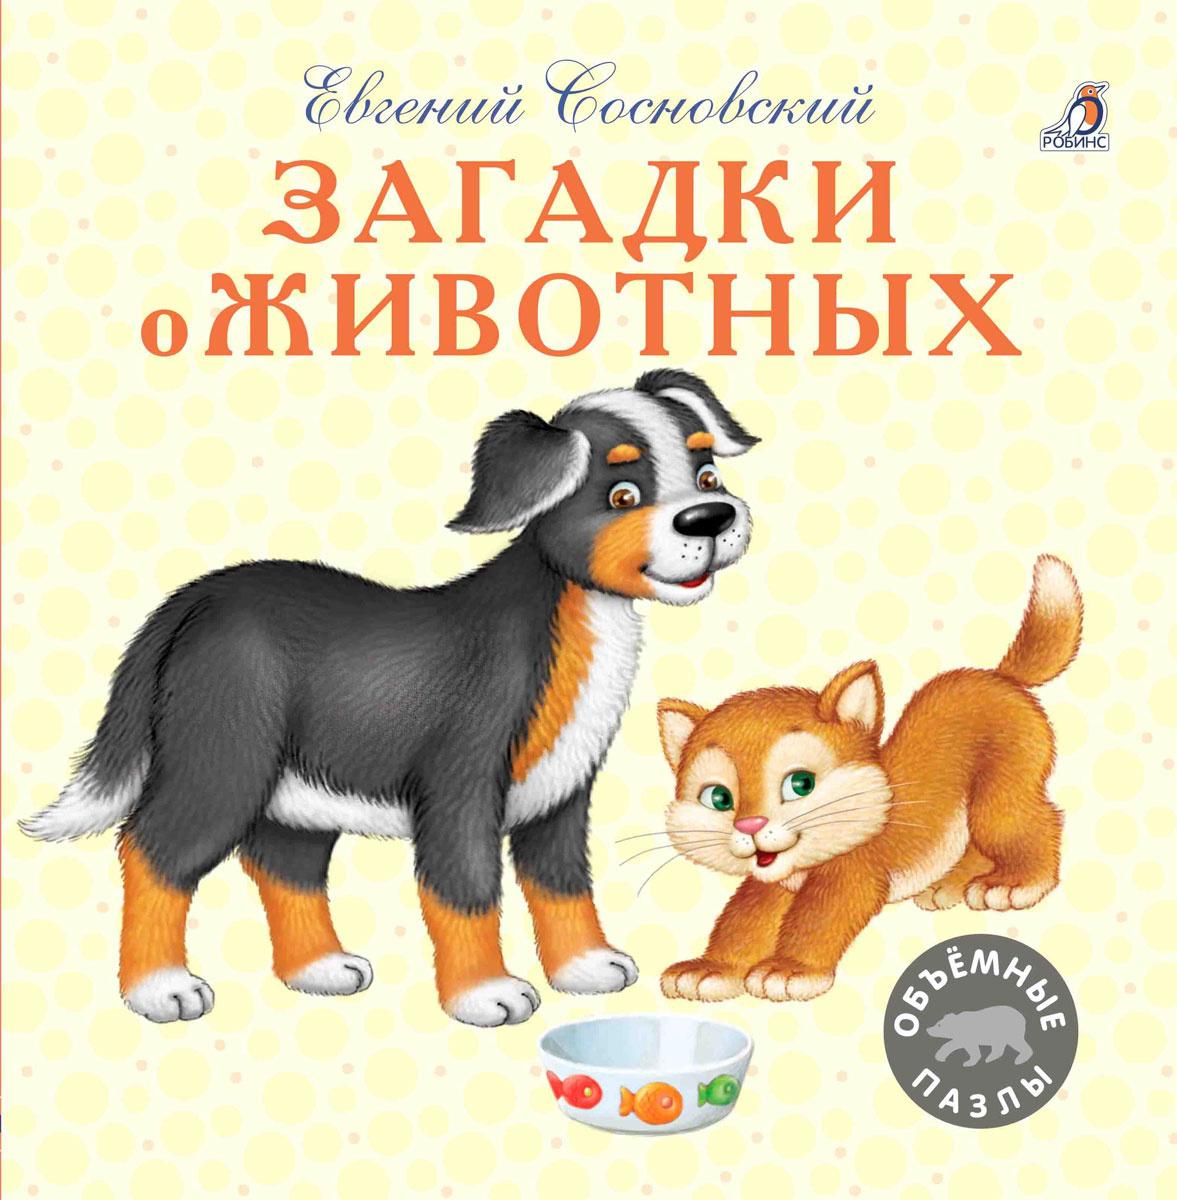 Загадки о животных | Сосновский Евгений Анатольевич #1